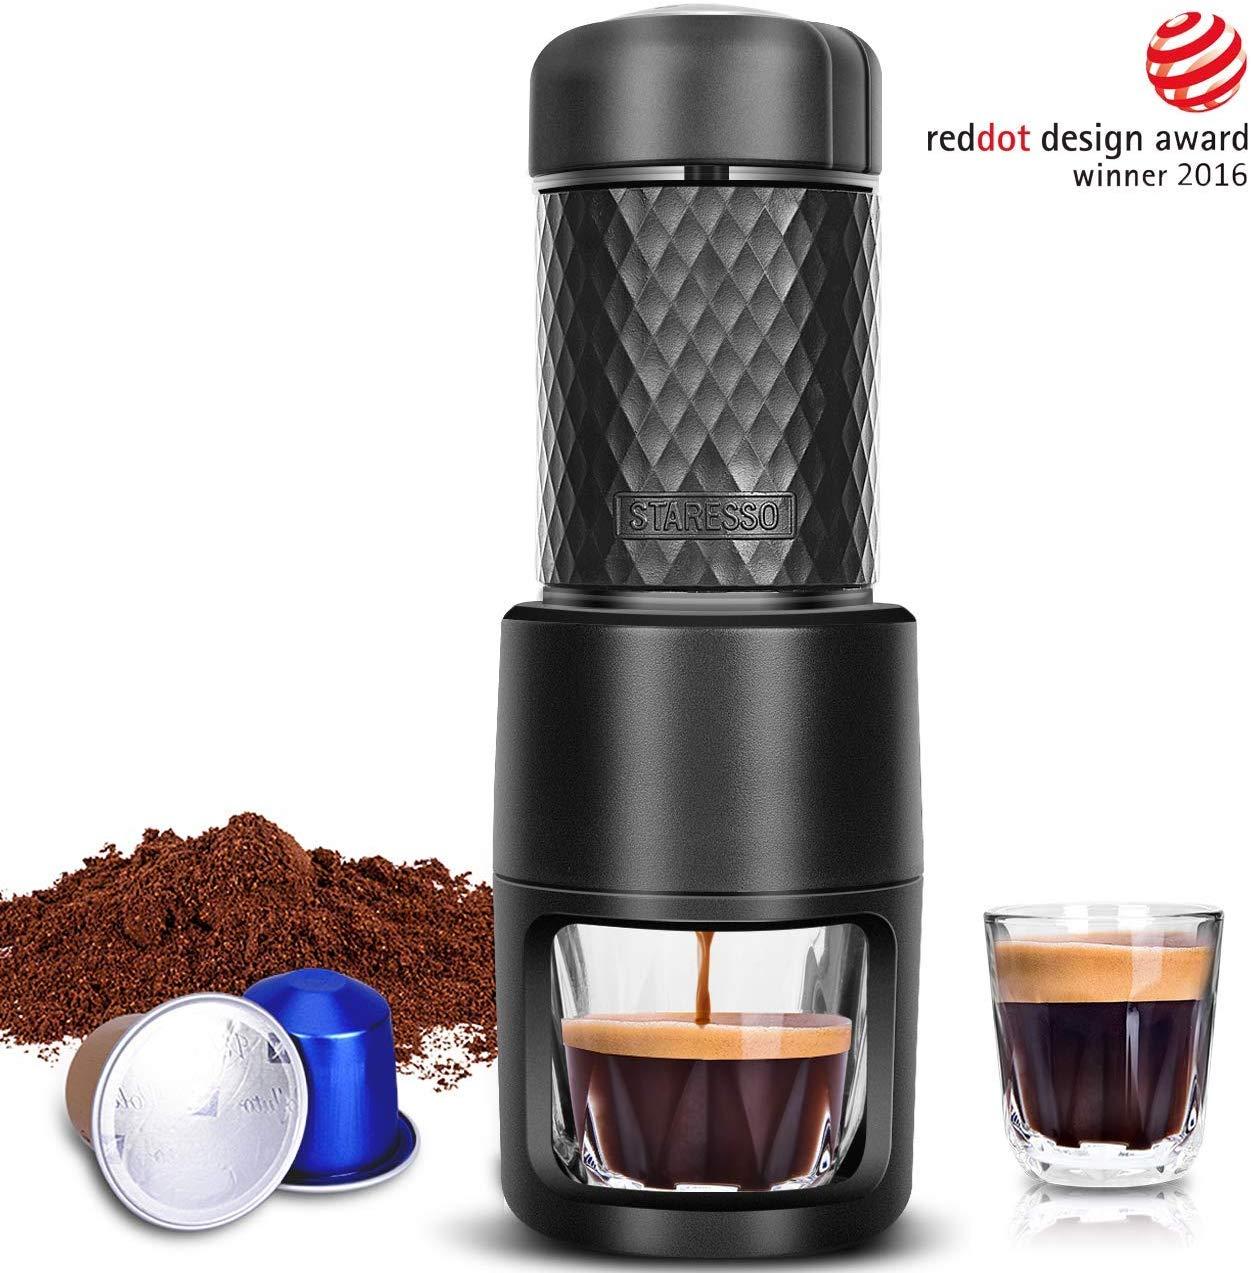 أفضل 5 مكائن اسبريسو لتحضير القهوة بالمنزل سعرها أقل من 1000 ريال مكائن ومستلزمات تحضير القهوة مجتمع القهوة